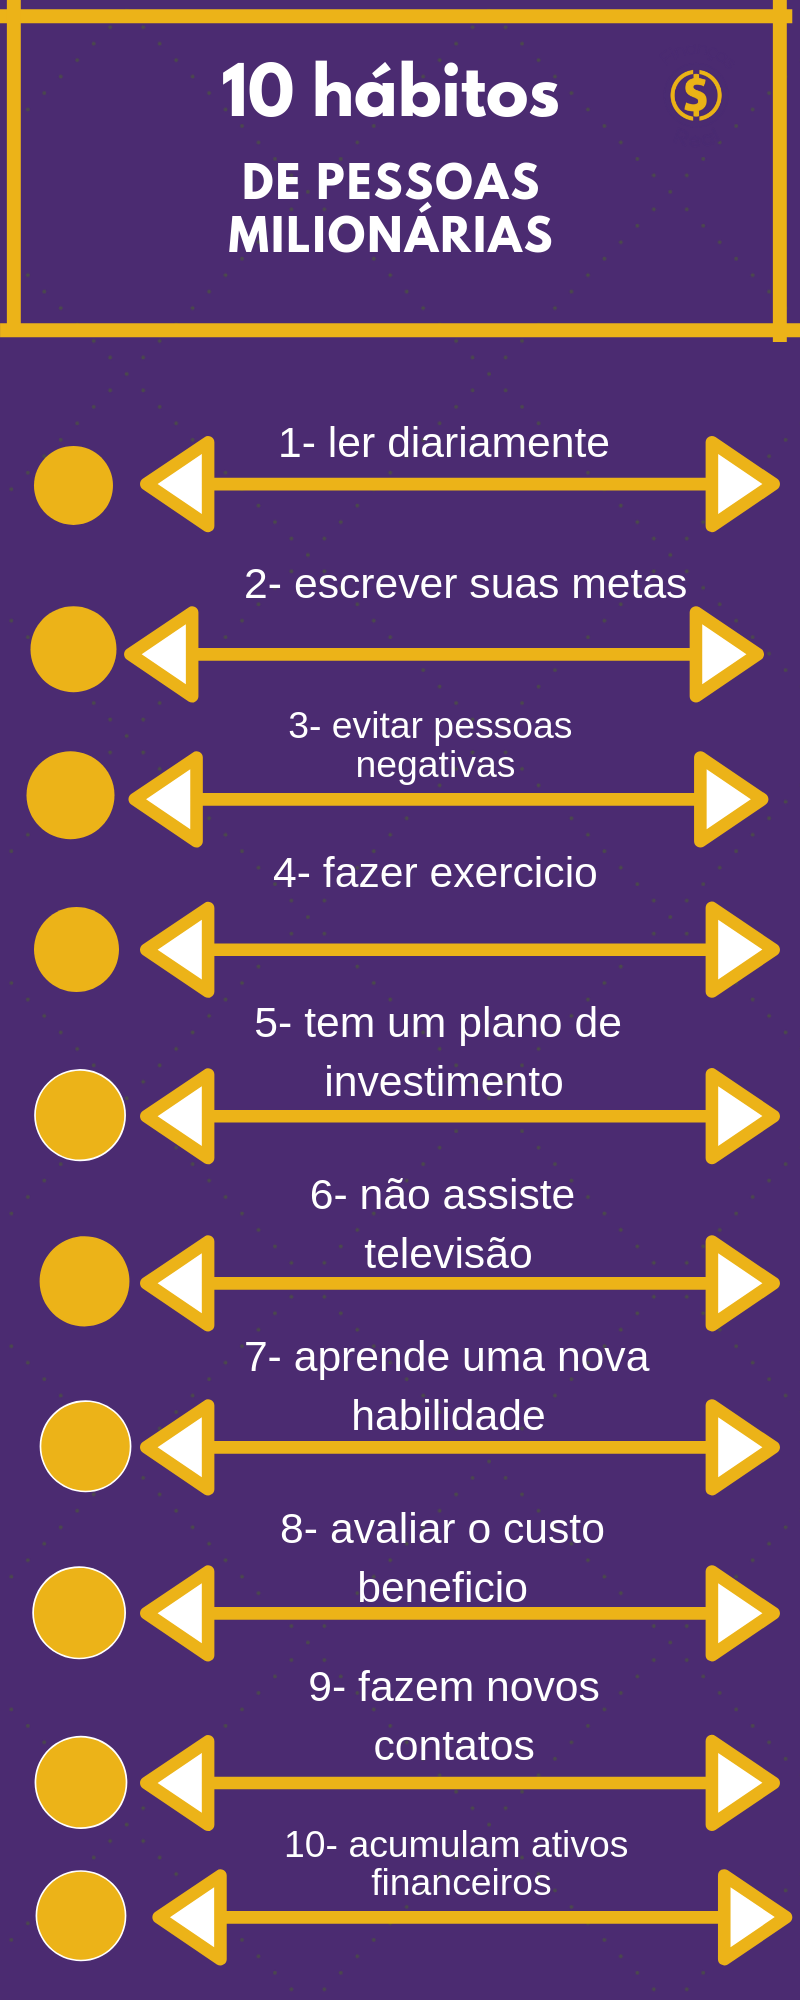 10 hábitos de pessoas milionárias 3